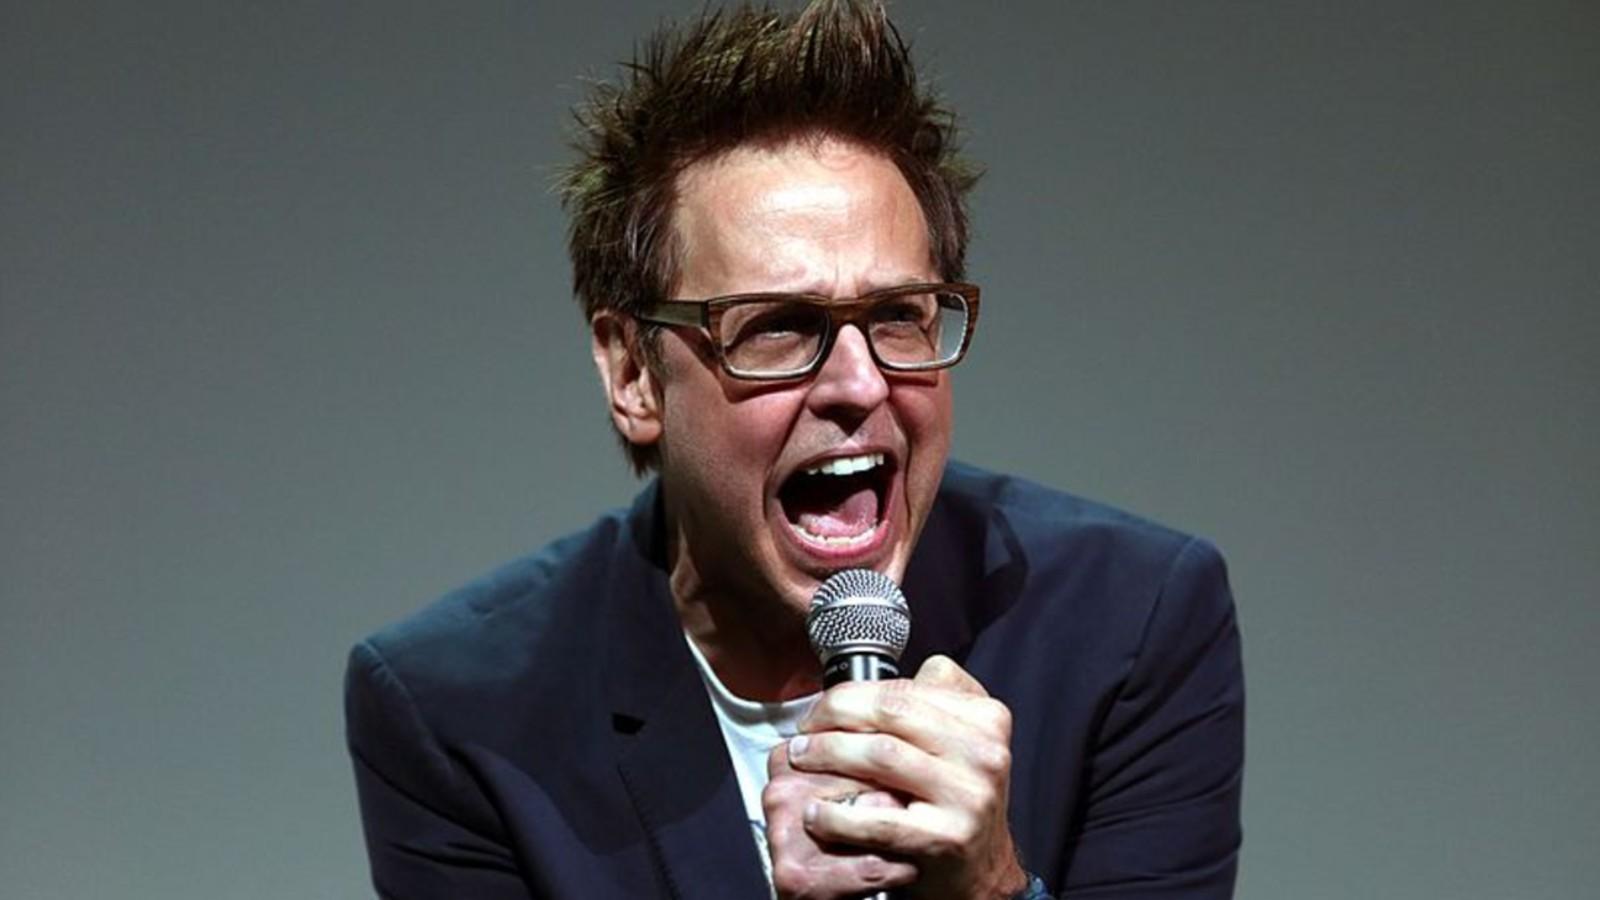 James Gunn at Comic Con